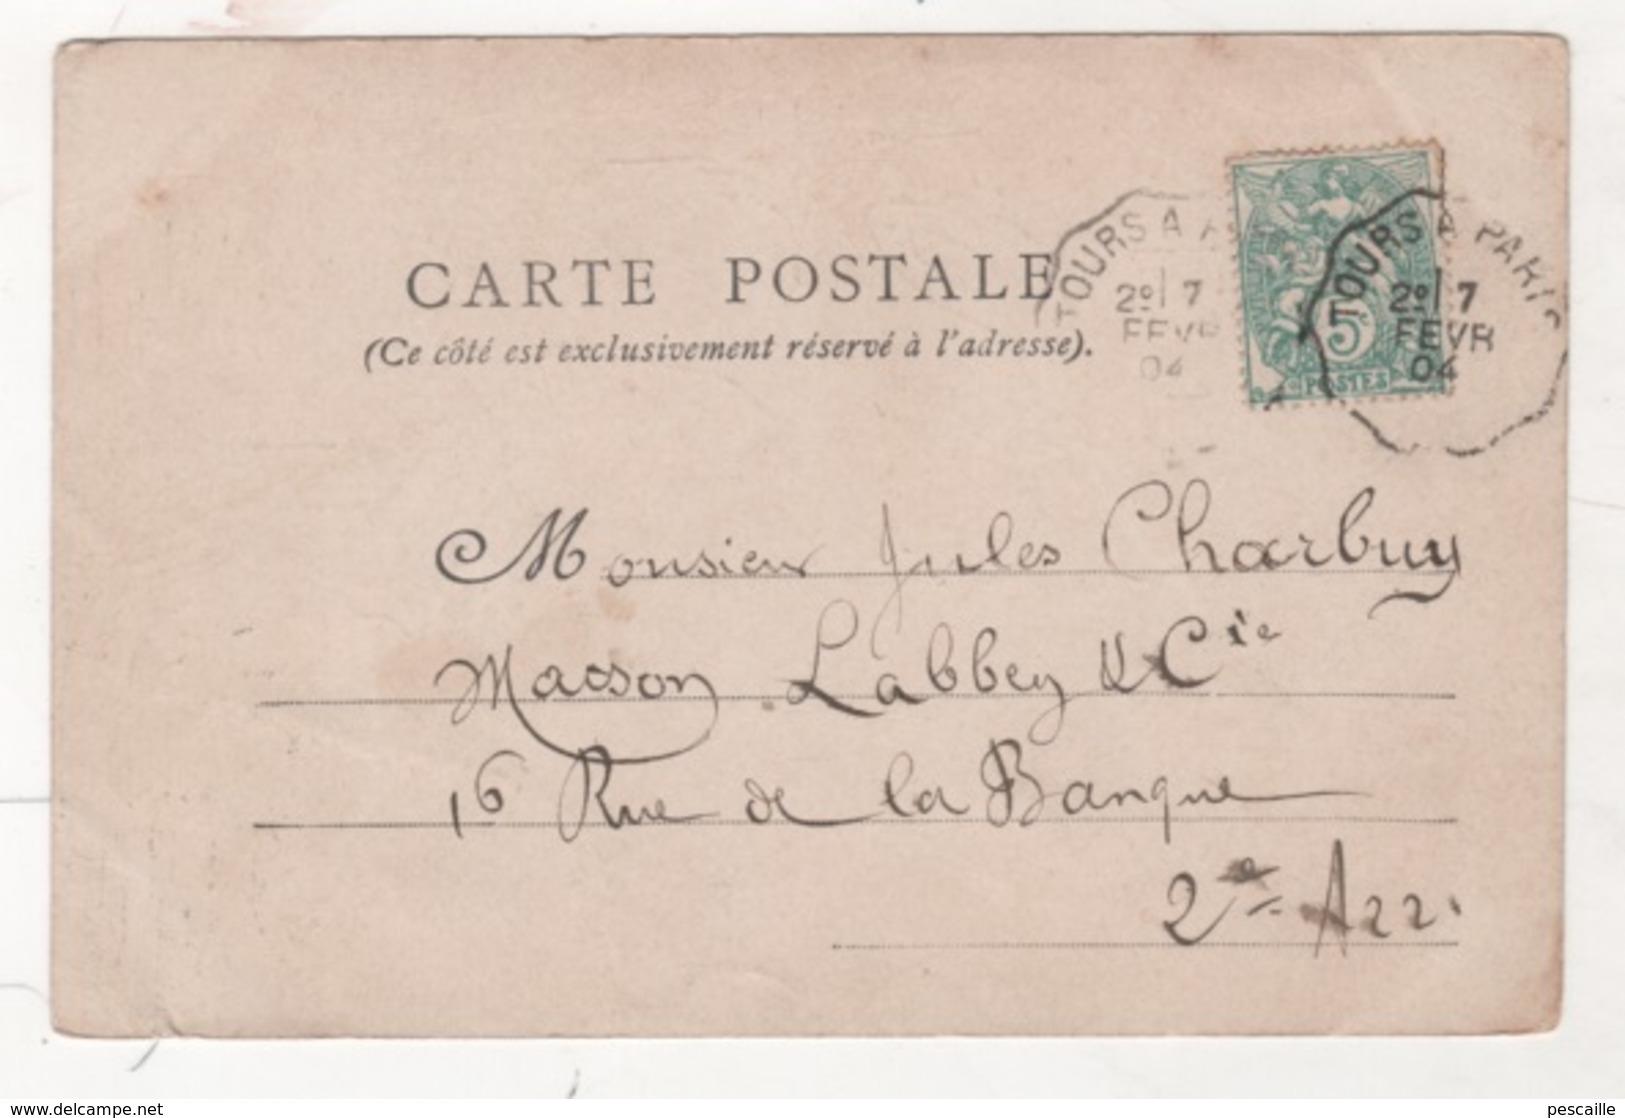 CP HUMORISTIQUE HOMME URINANT CONTRE UN MUR ET FEMME LUI VERSANT DE L'EAU CHAUDE DESSUS... - CIRCULEE EN 1904 - Humour